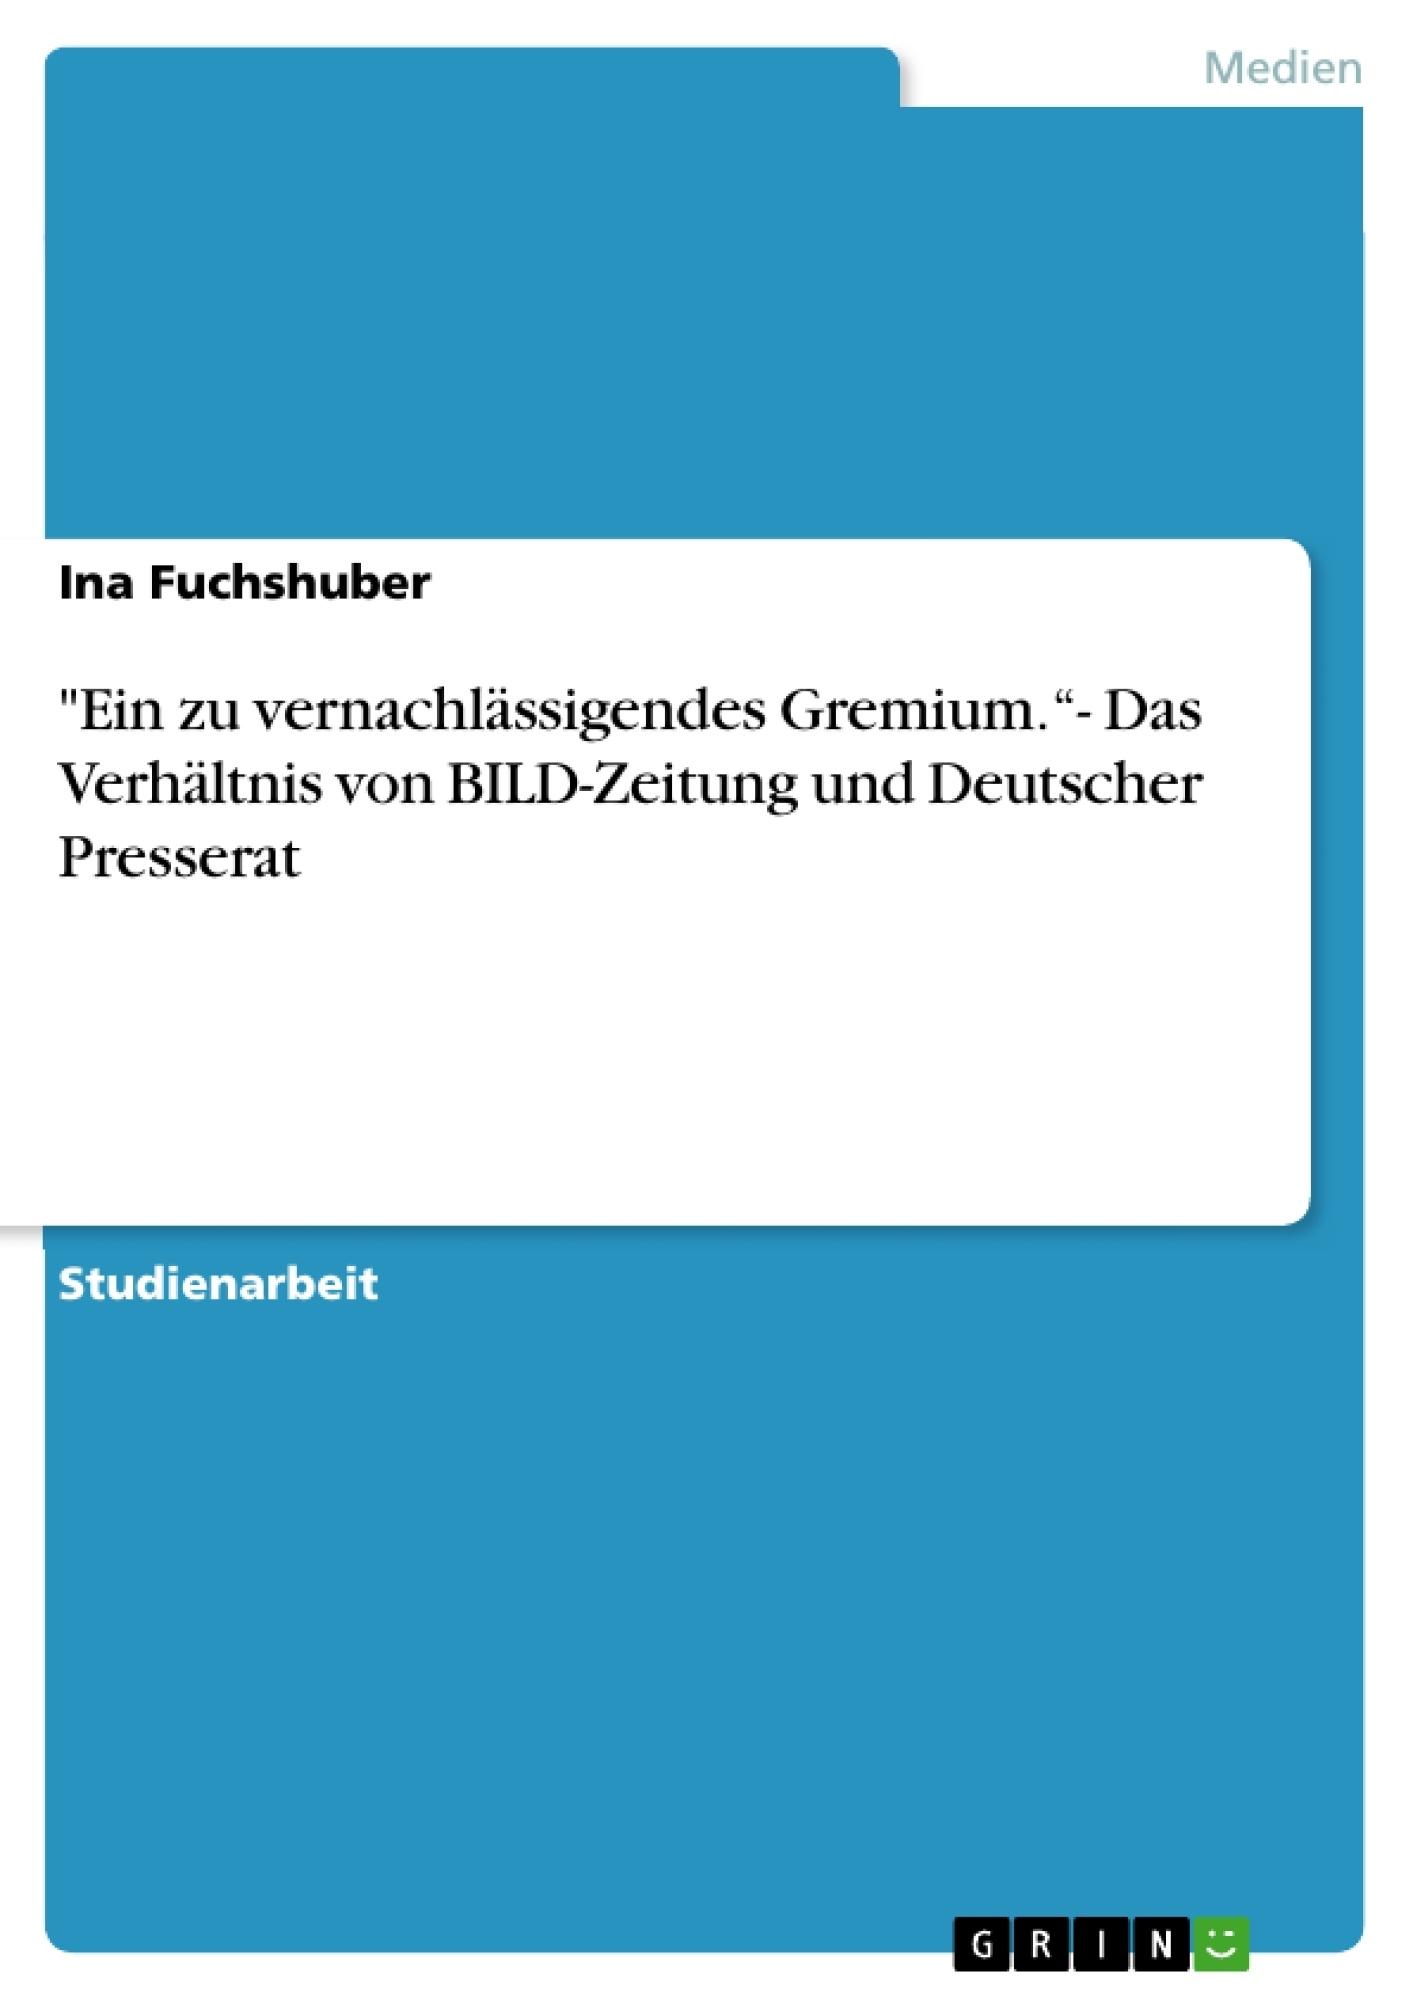 """Titel: """"Ein zu vernachlässigendes Gremium.""""- Das Verhältnis von BILD-Zeitung und Deutscher Presserat"""